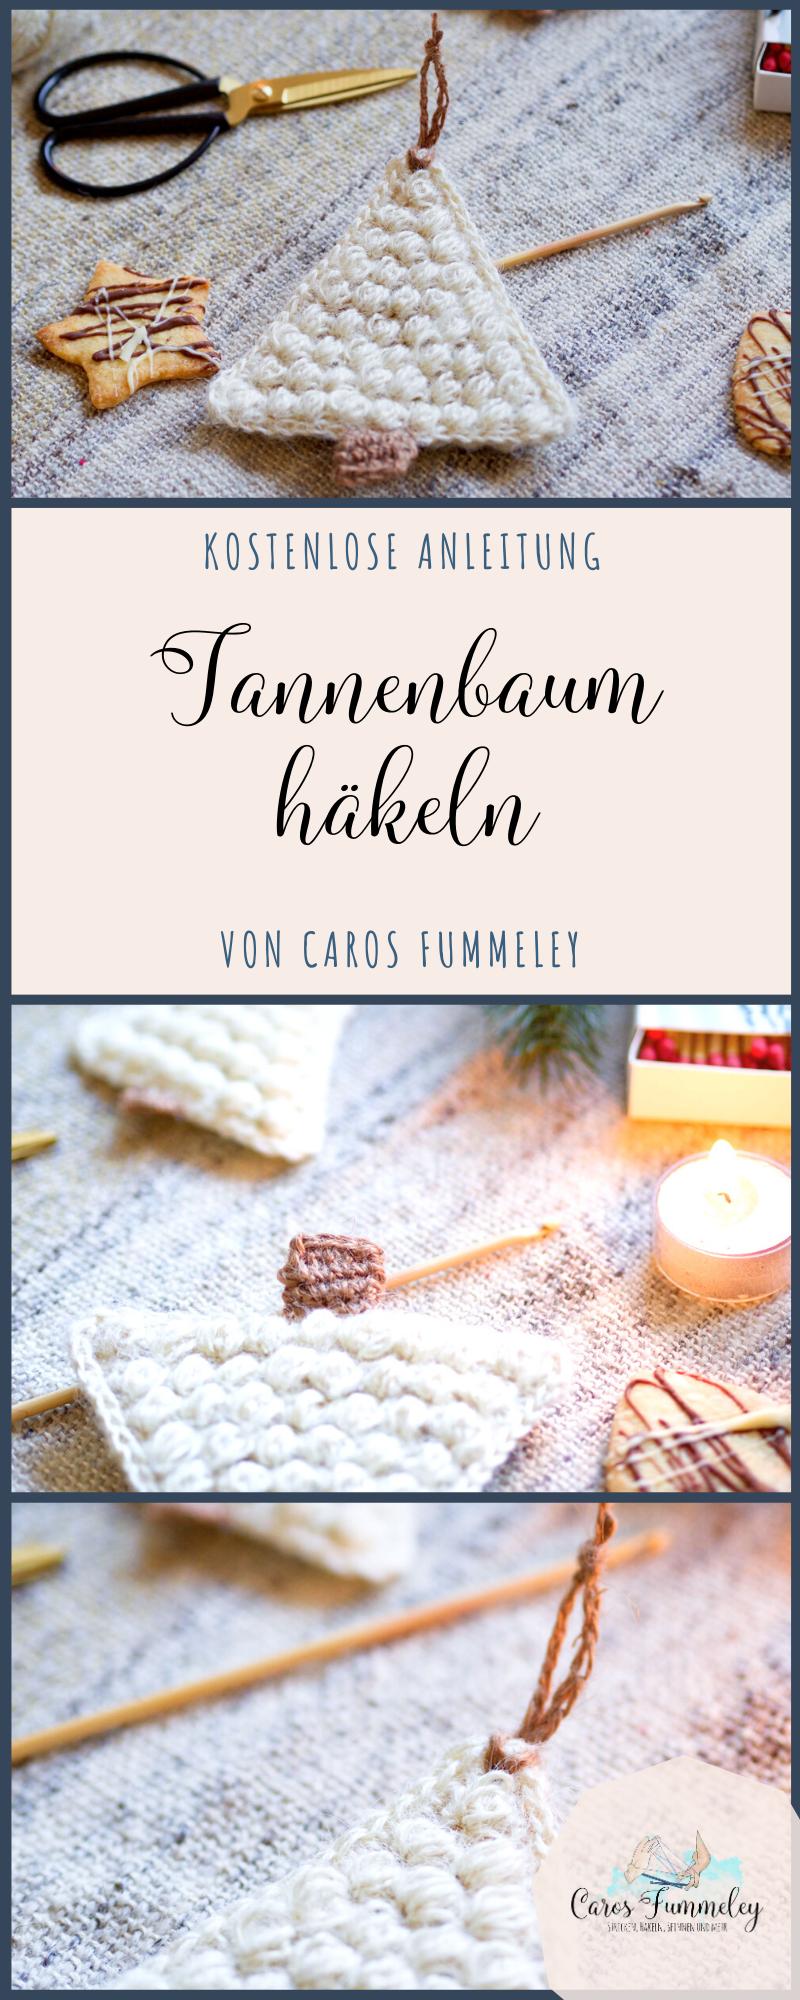 Tannenbaum häkeln - Freebie